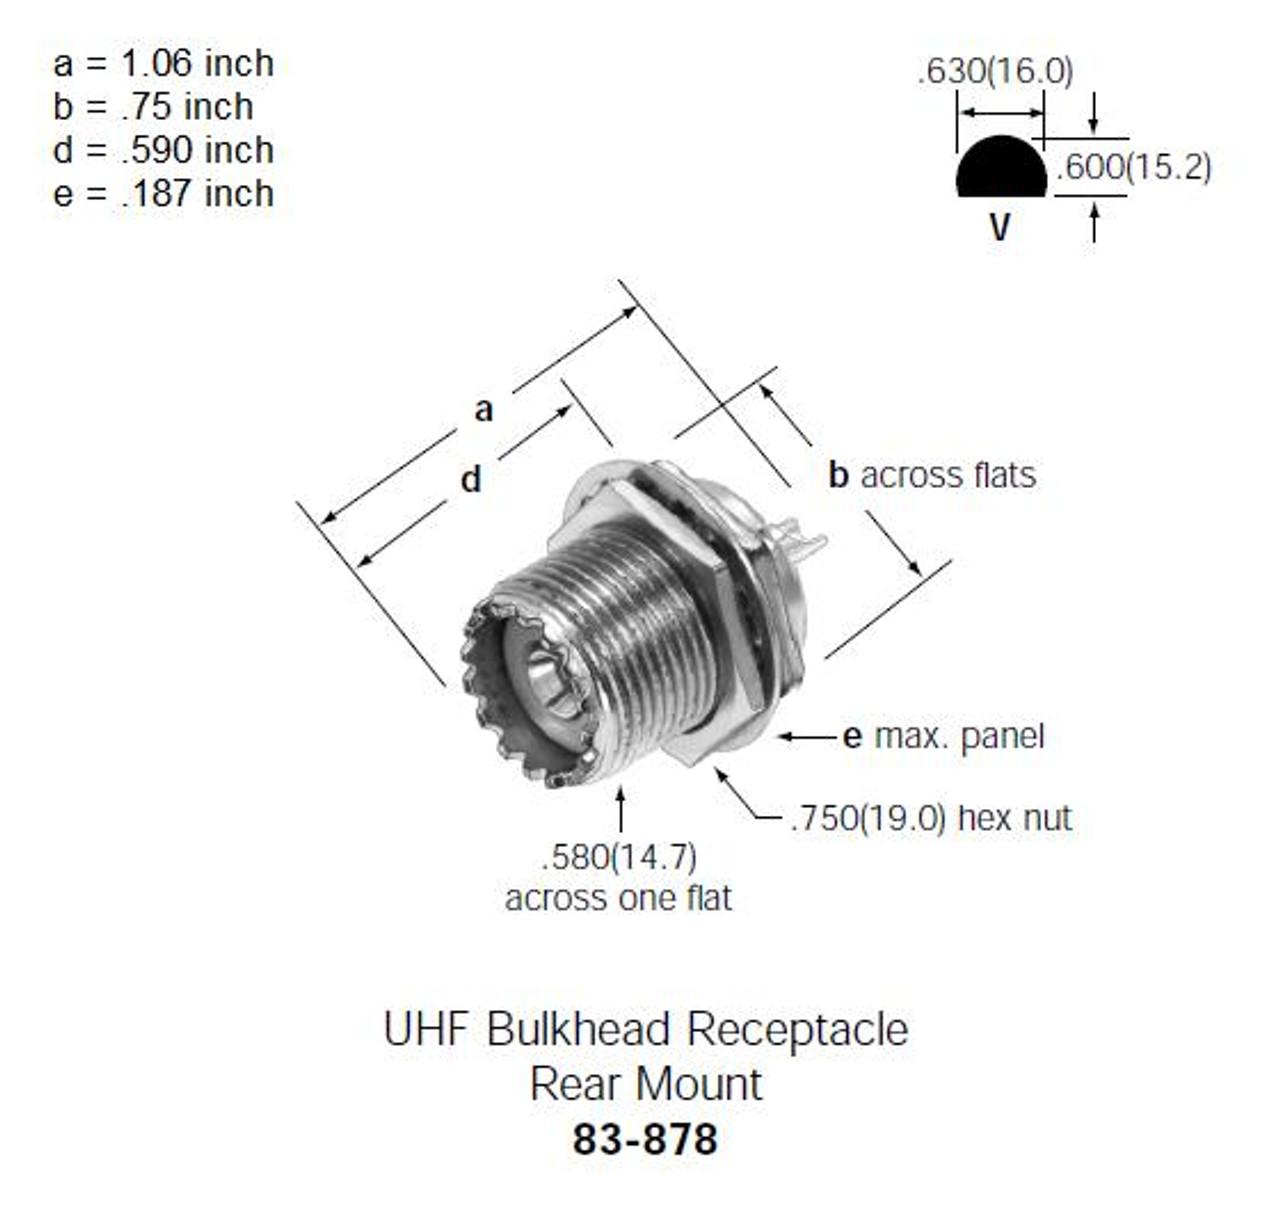 Amphenol 83-878 - UHF-Female SO-239 Bulkhead Connector - Rear Mount